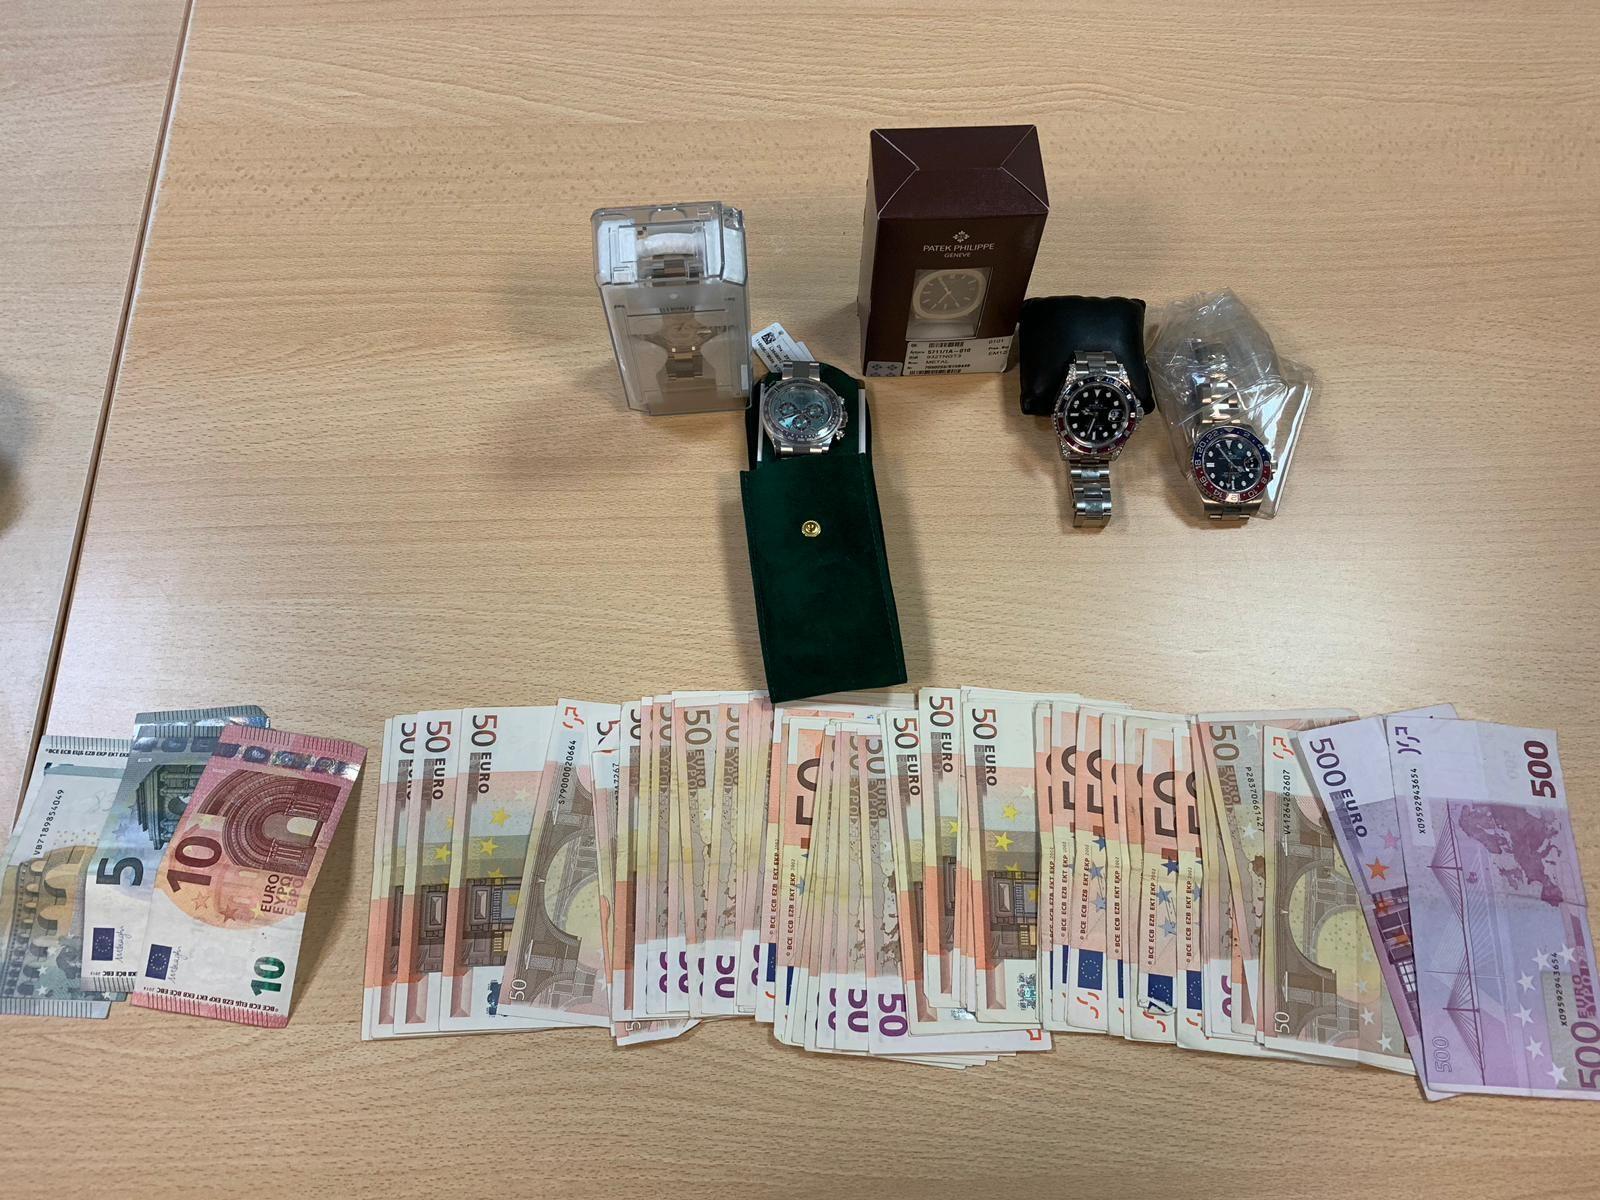 CASELLE - Contrabbando di Rolex «Daytona» e Patek Philippe: 50enne bloccato dalla guardia di finanza - FOTO